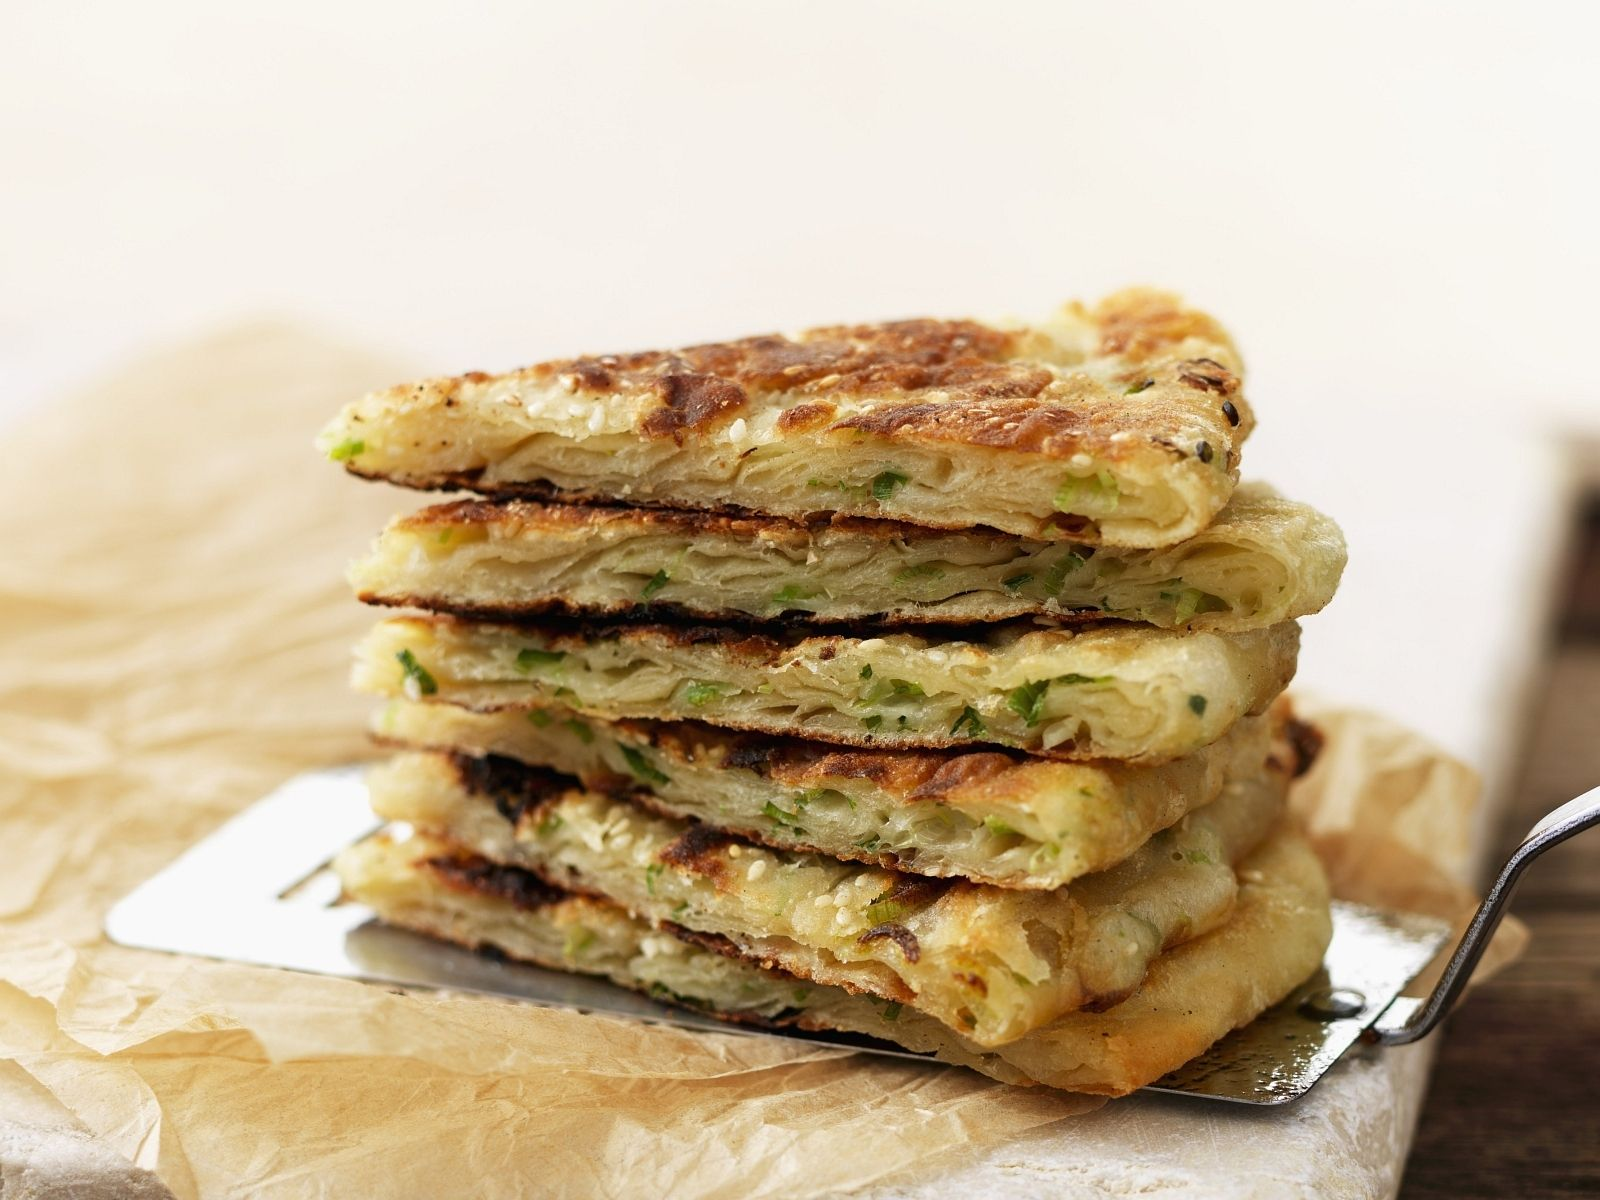 Pfannkuchen auf chinesische Art mit Lauchzwiebeln   Zeit: 30 Min.   http://eatsmarter.de/rezepte/pfannkuchen-auf-chinesische-art-mit-lauchzwiebeln